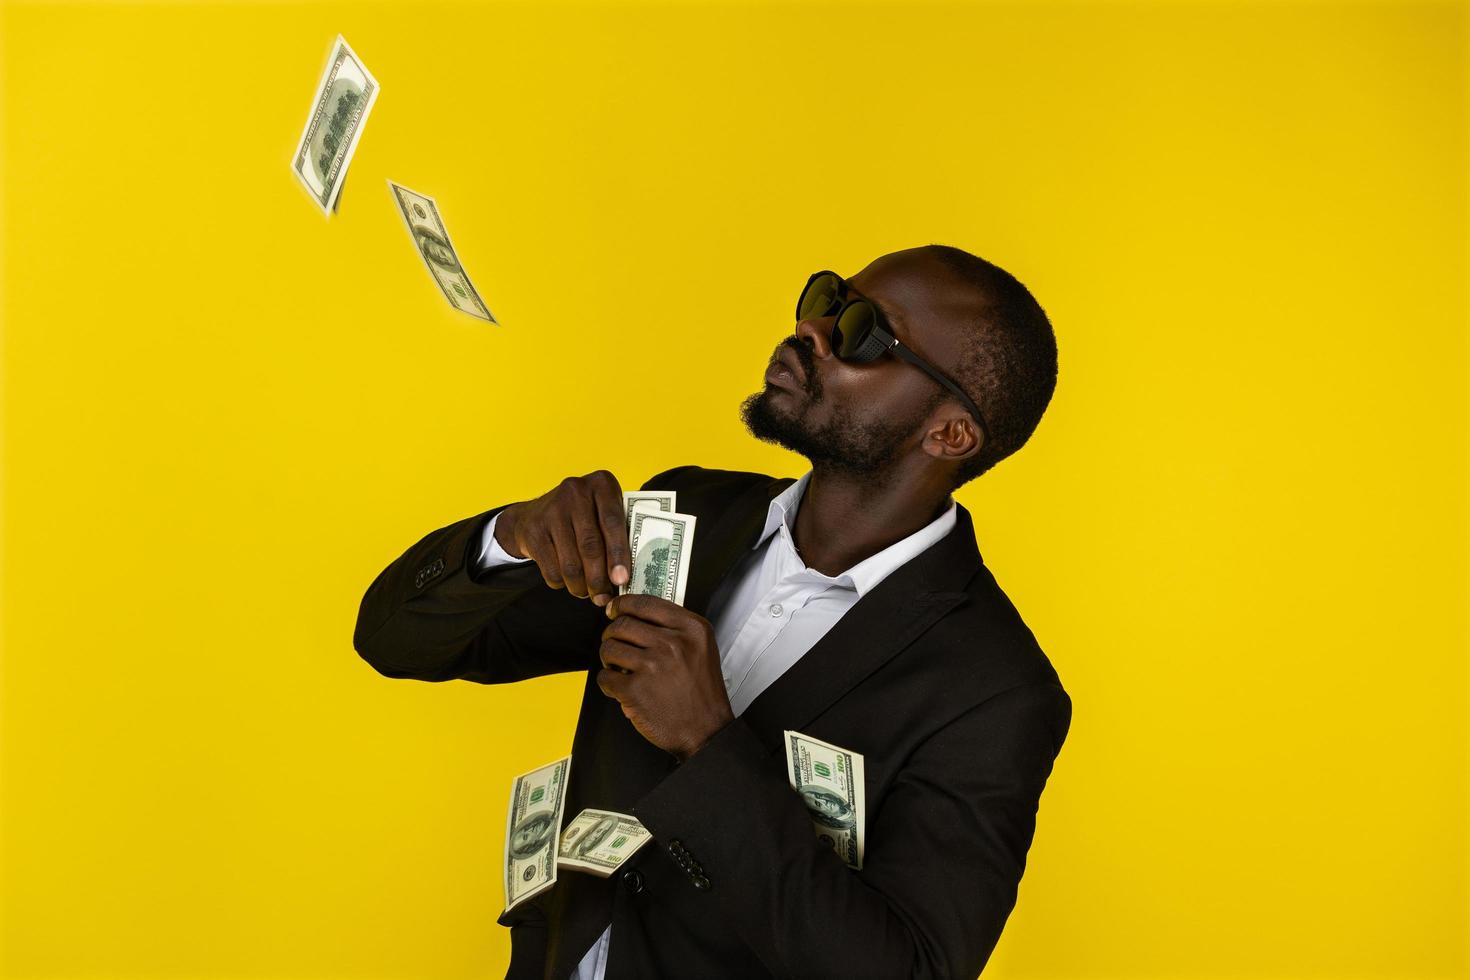 un homme noir cool jette des dollars photo